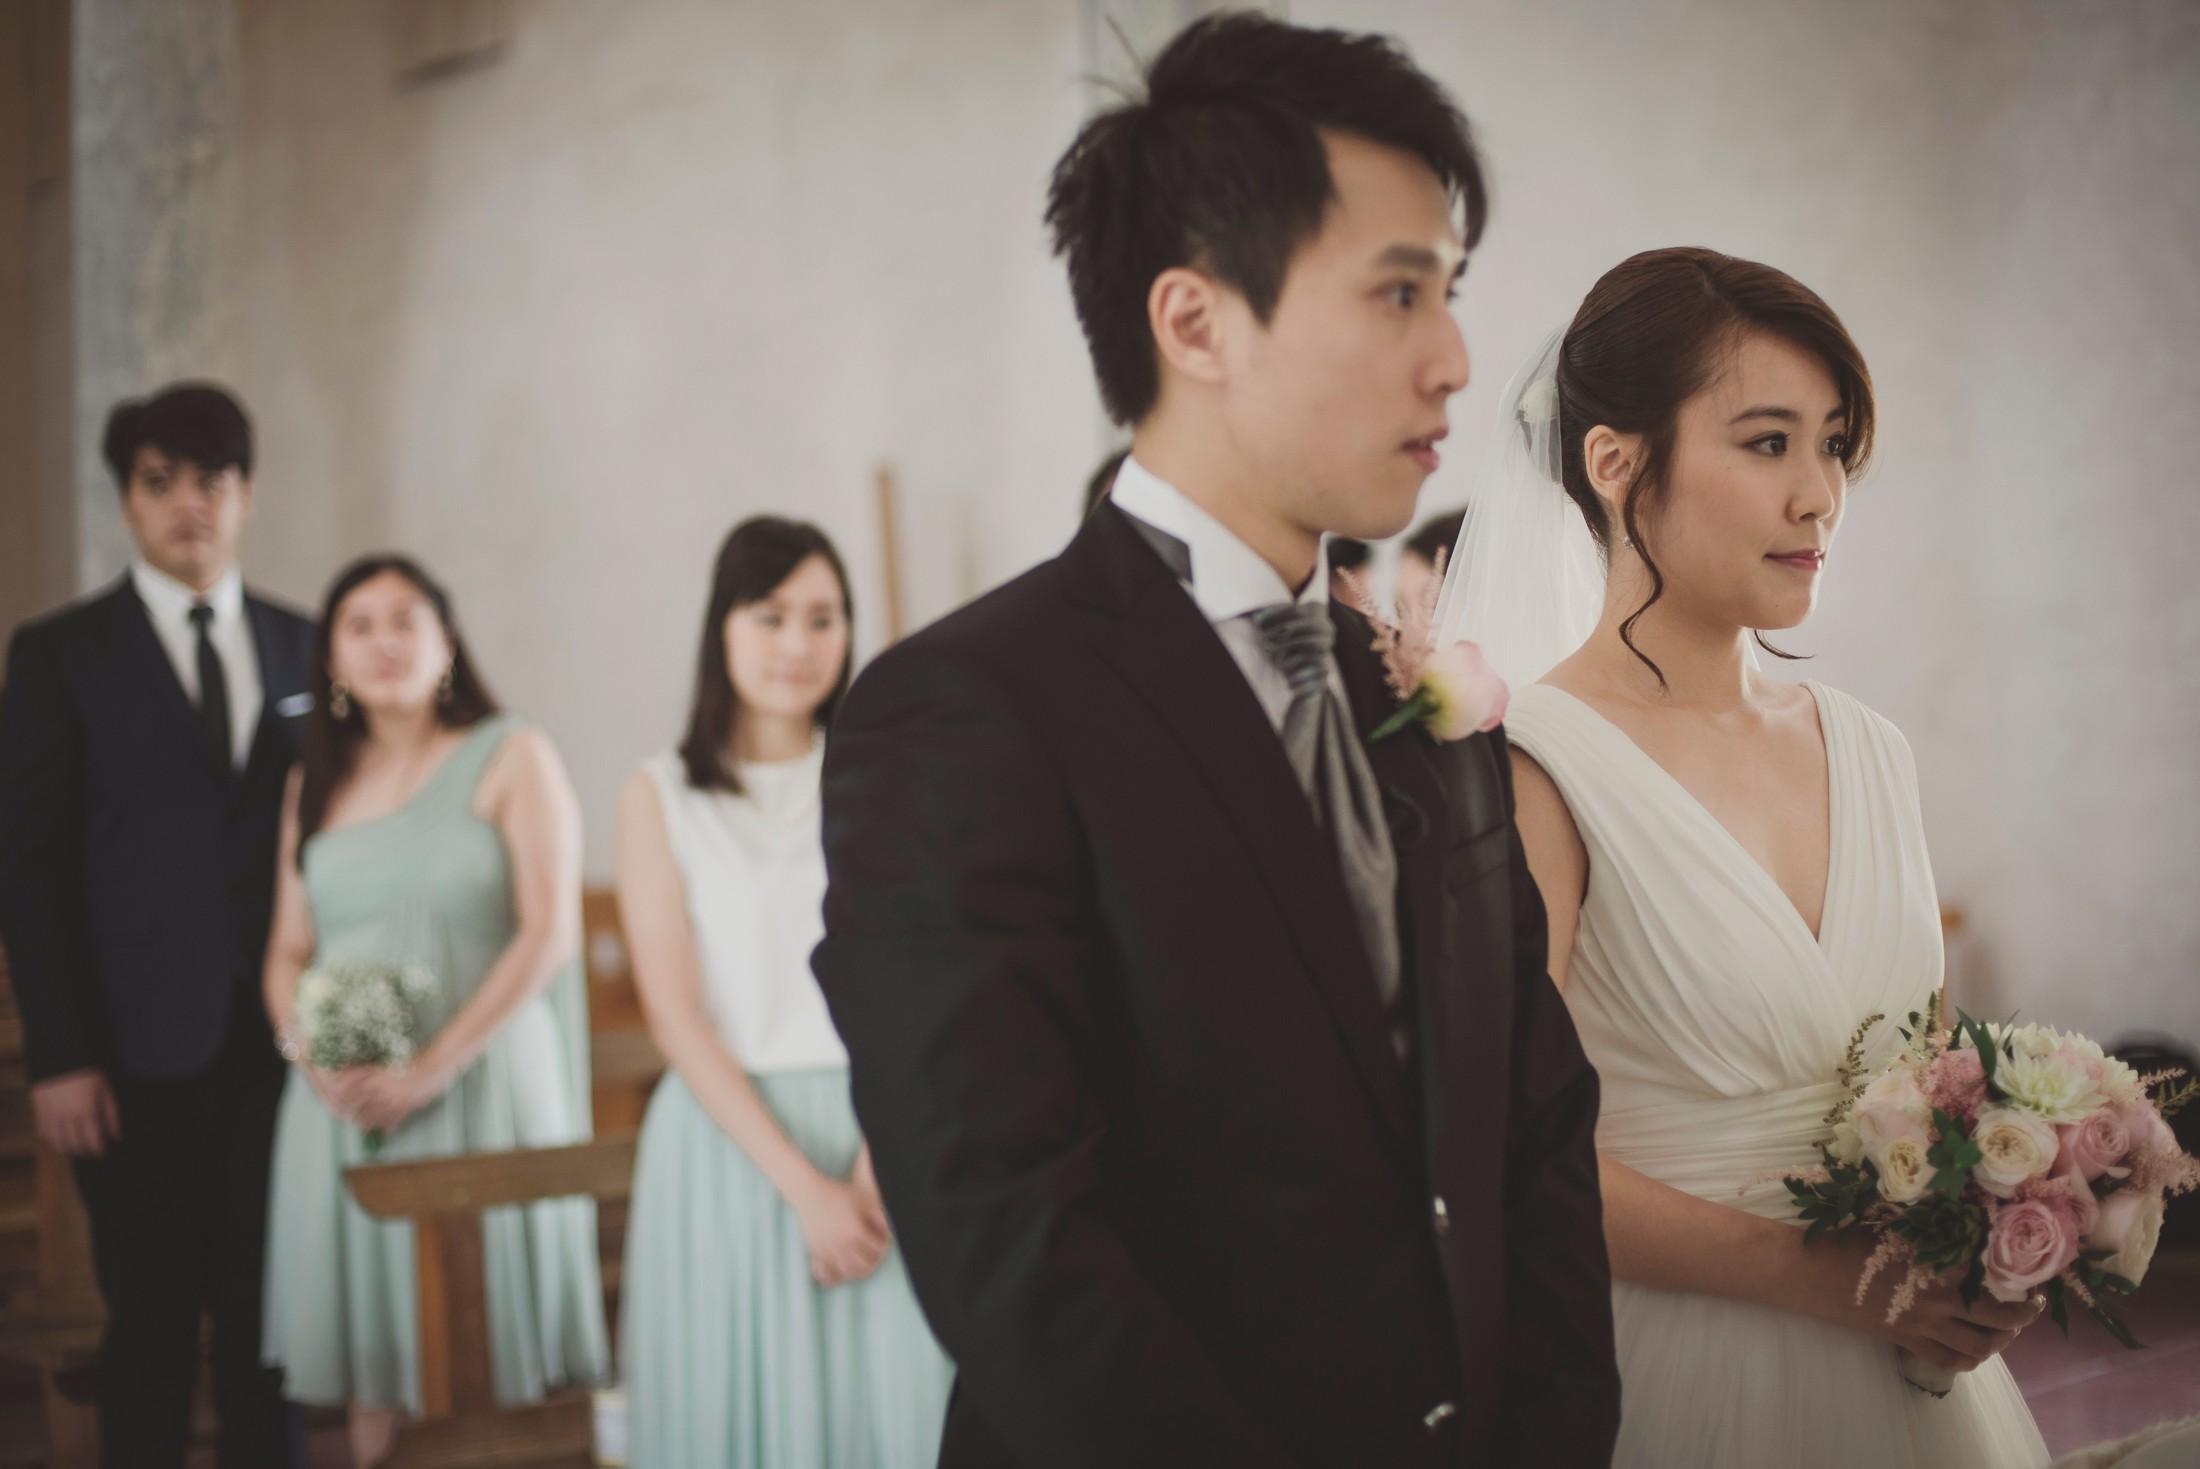 wedding on the amalfi coast moments from the catholic ceremony